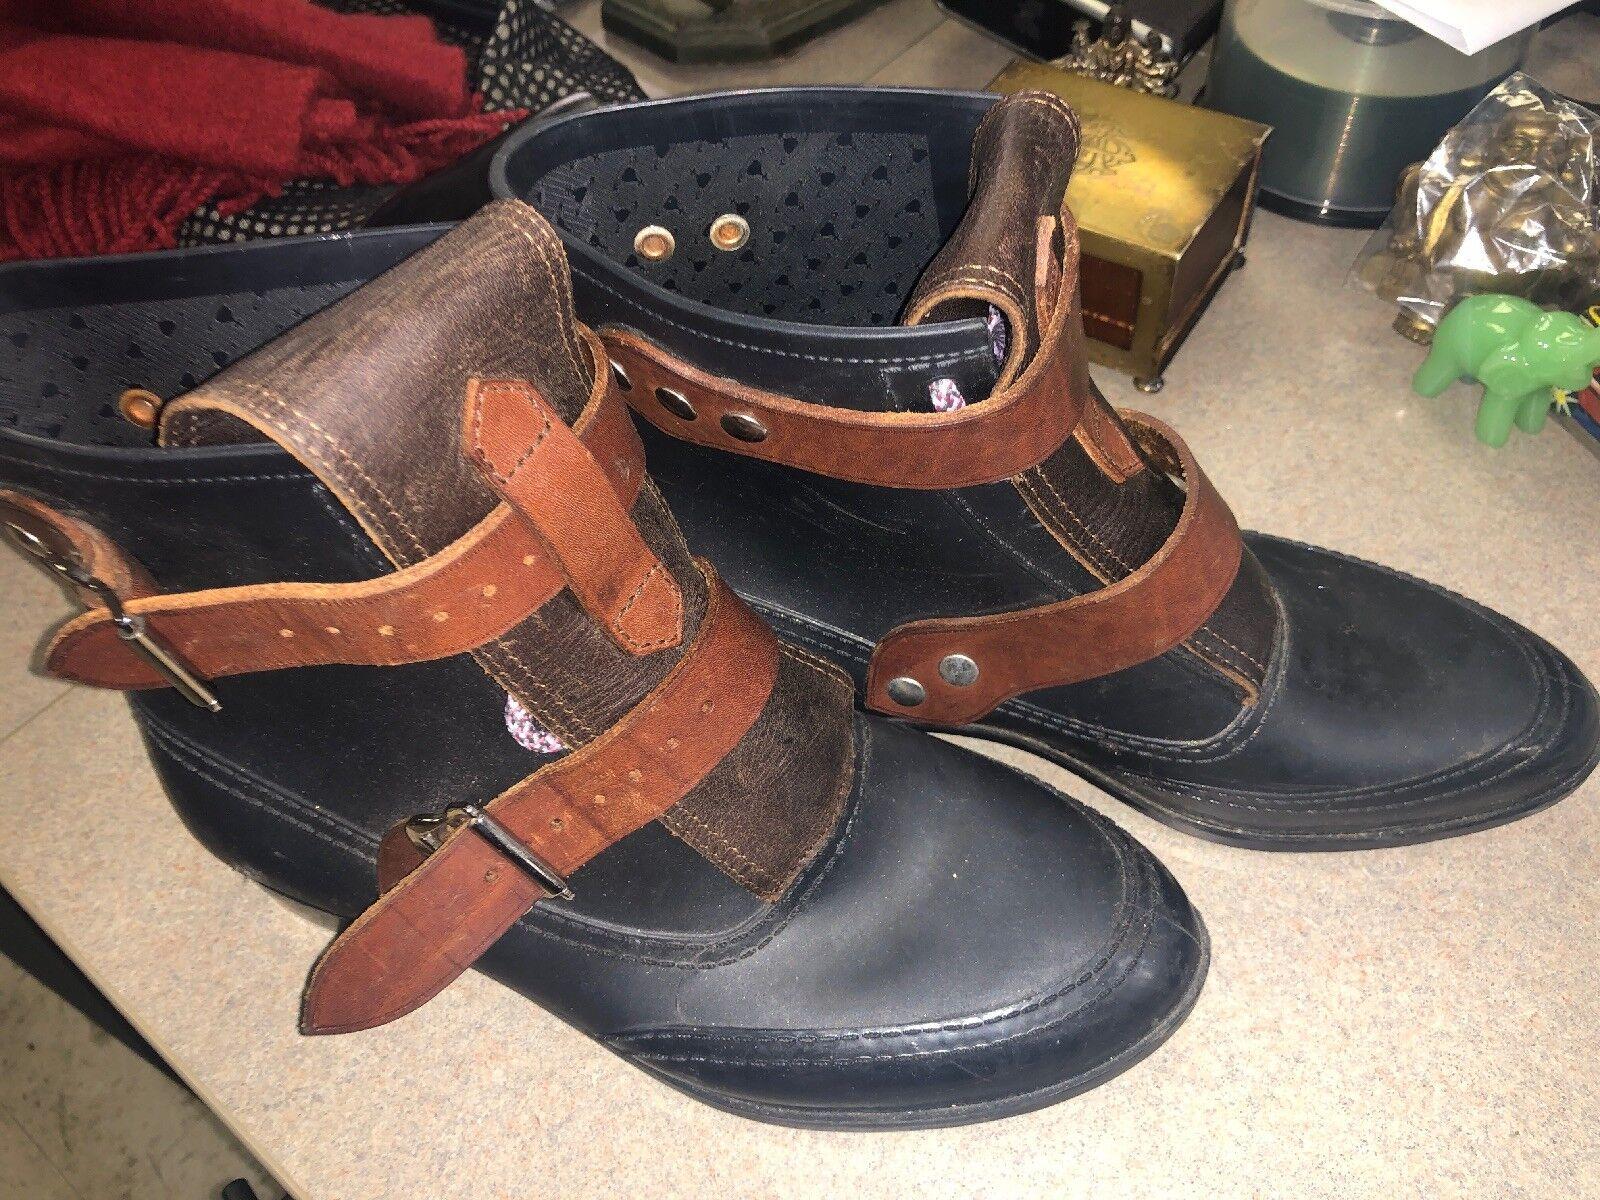 supporto al dettaglio all'ingrosso Vivienne Westwood Uomo Ankle stivali stivali stivali EUR 43  grandi prezzi scontati